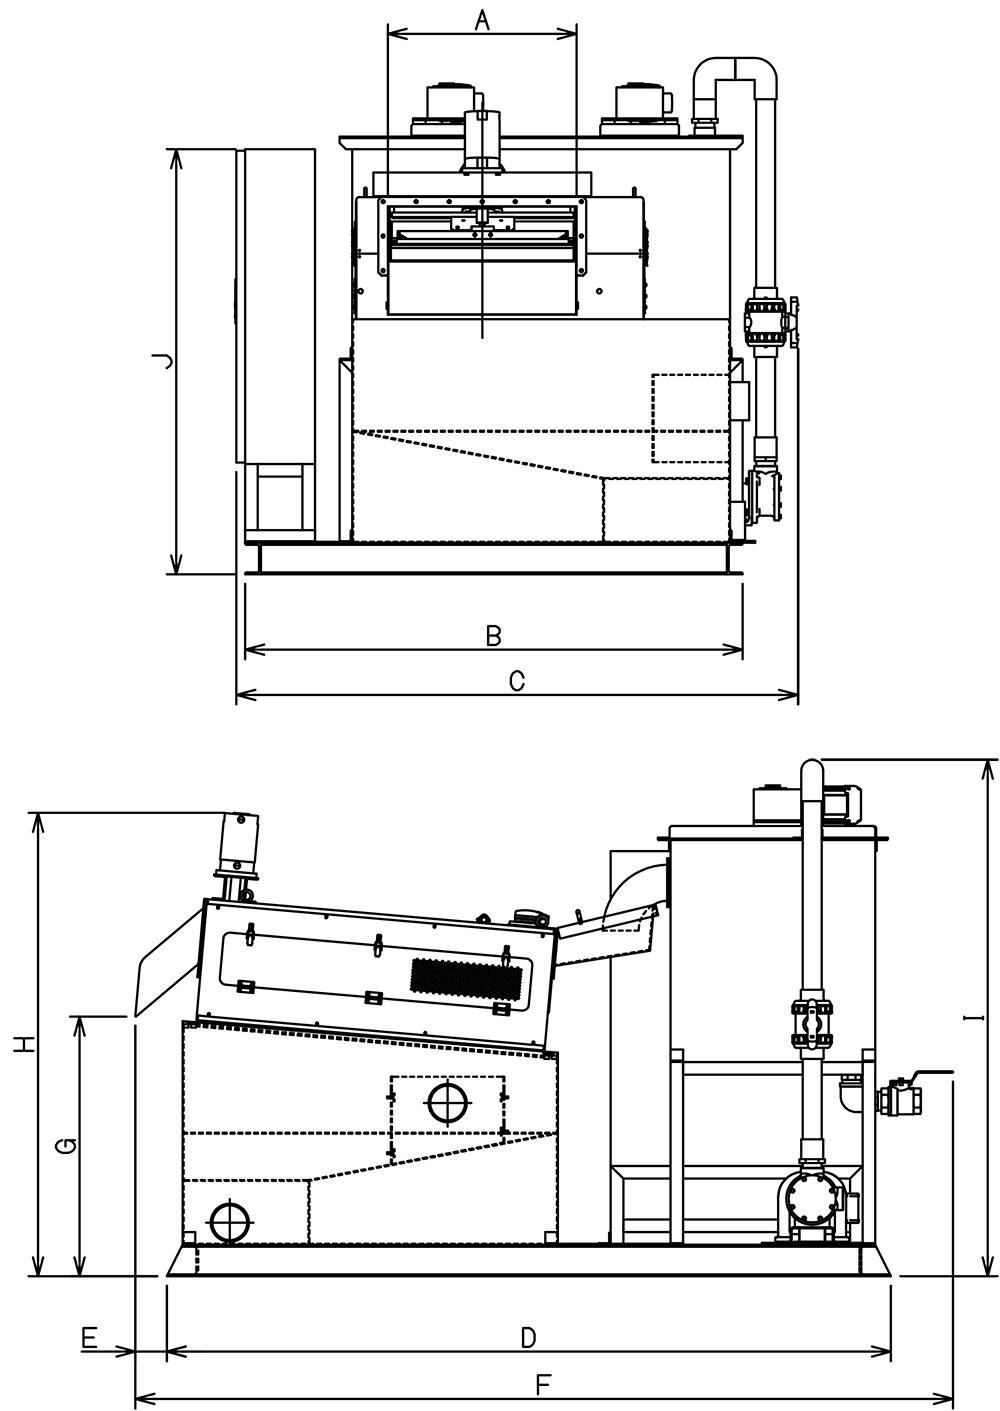 スリットセーバーシステム寸法図